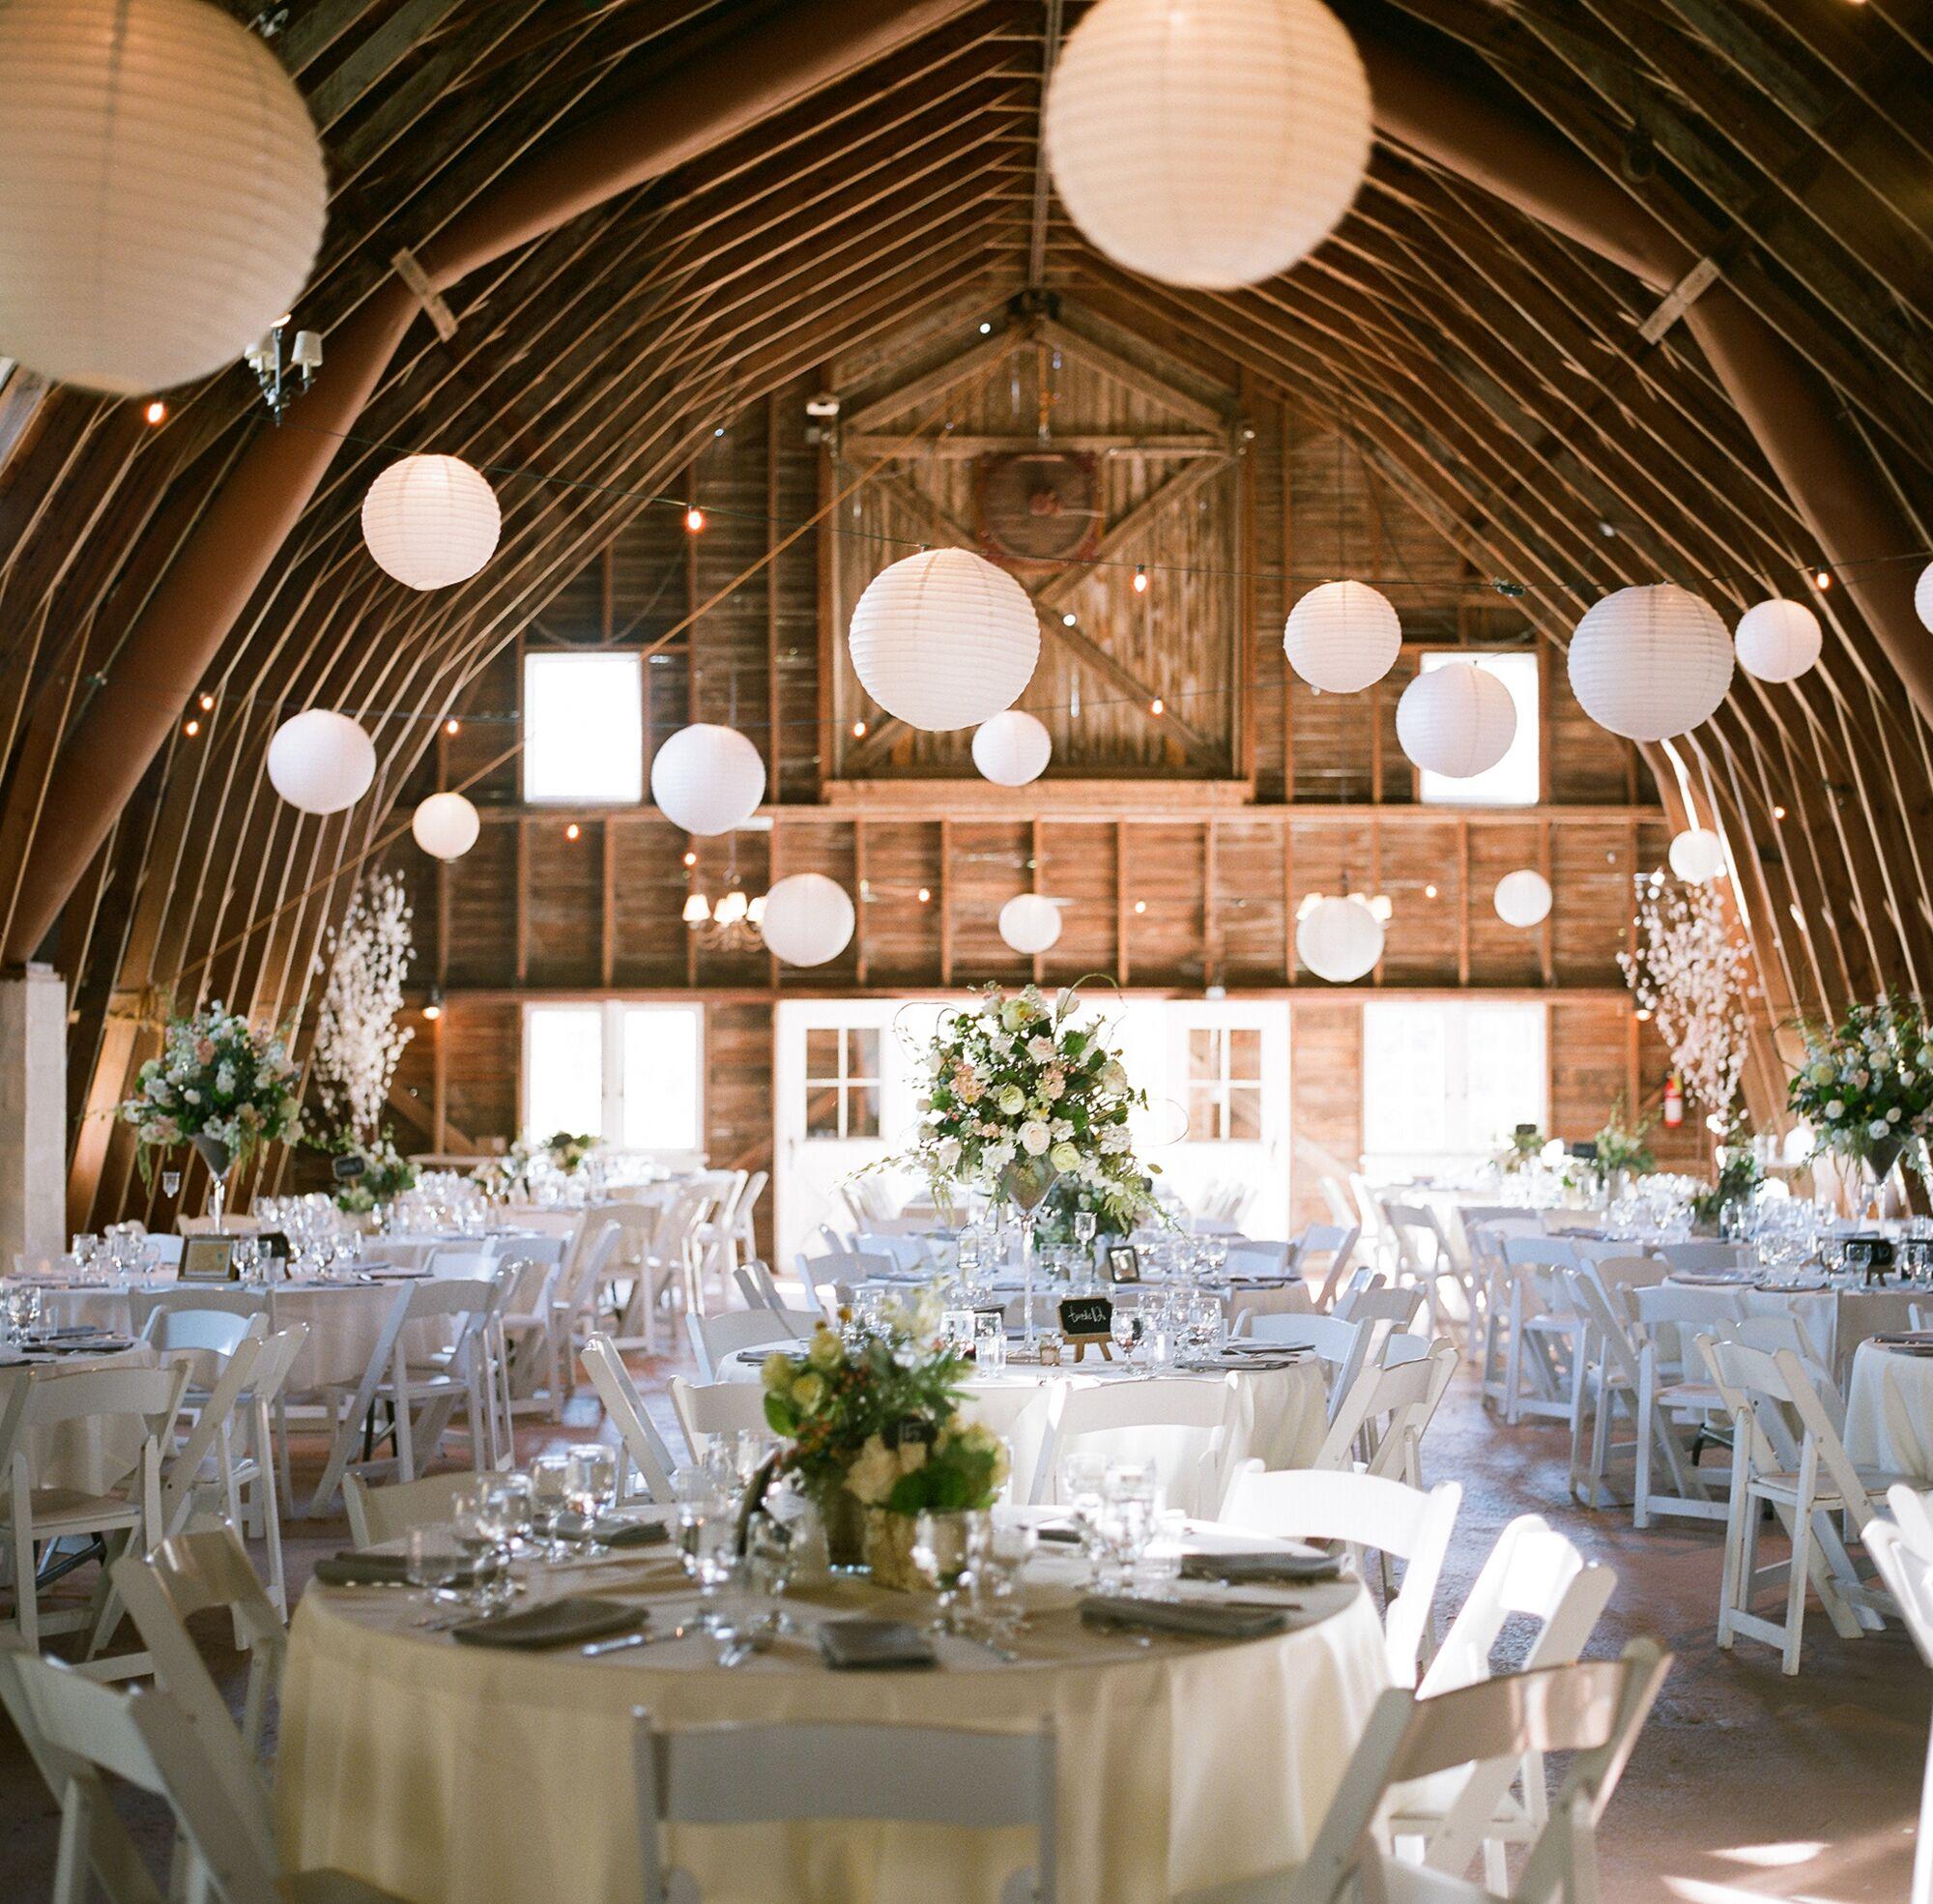 Blue Dress Barn Wedding Reception with